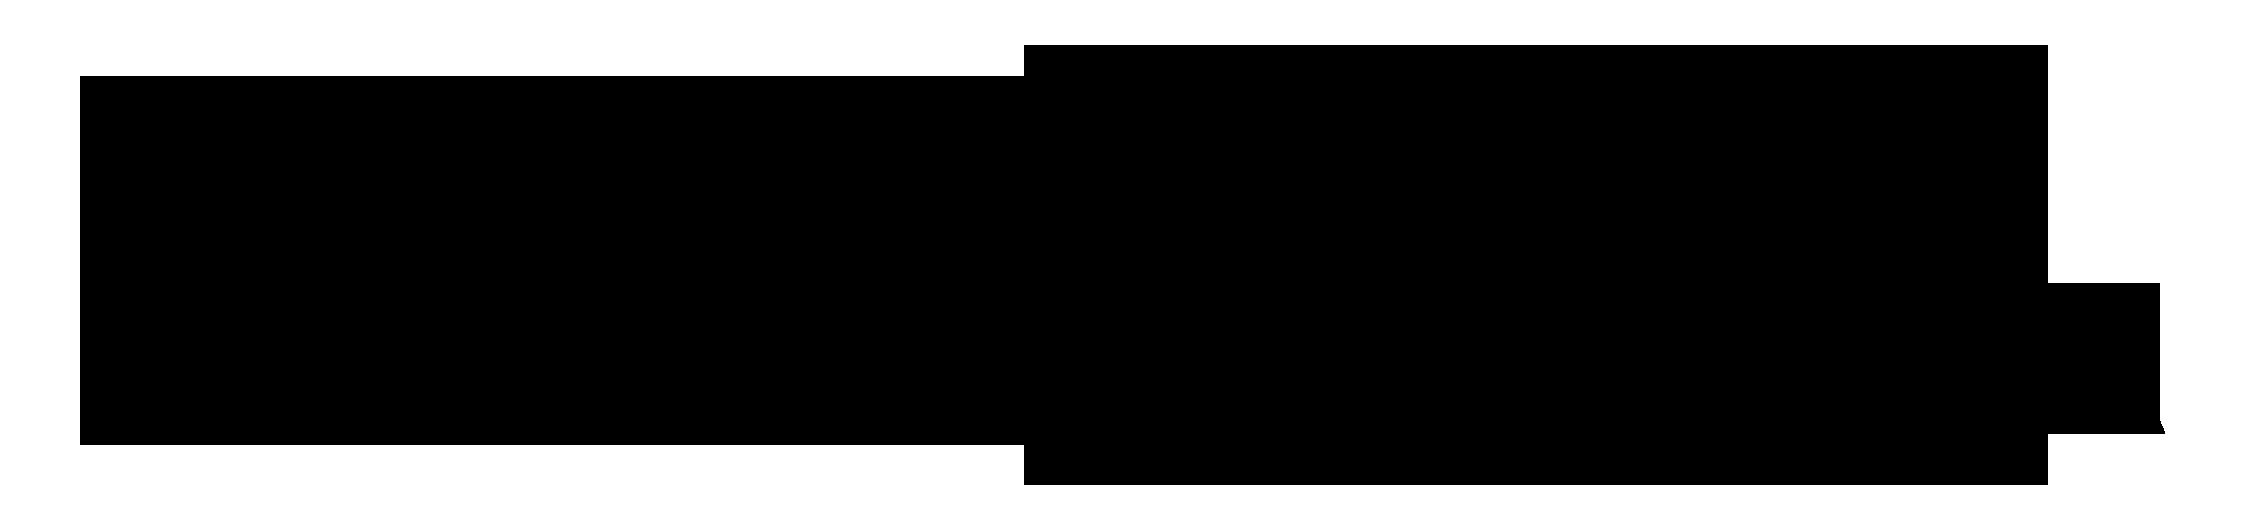 Letni oder Ruše